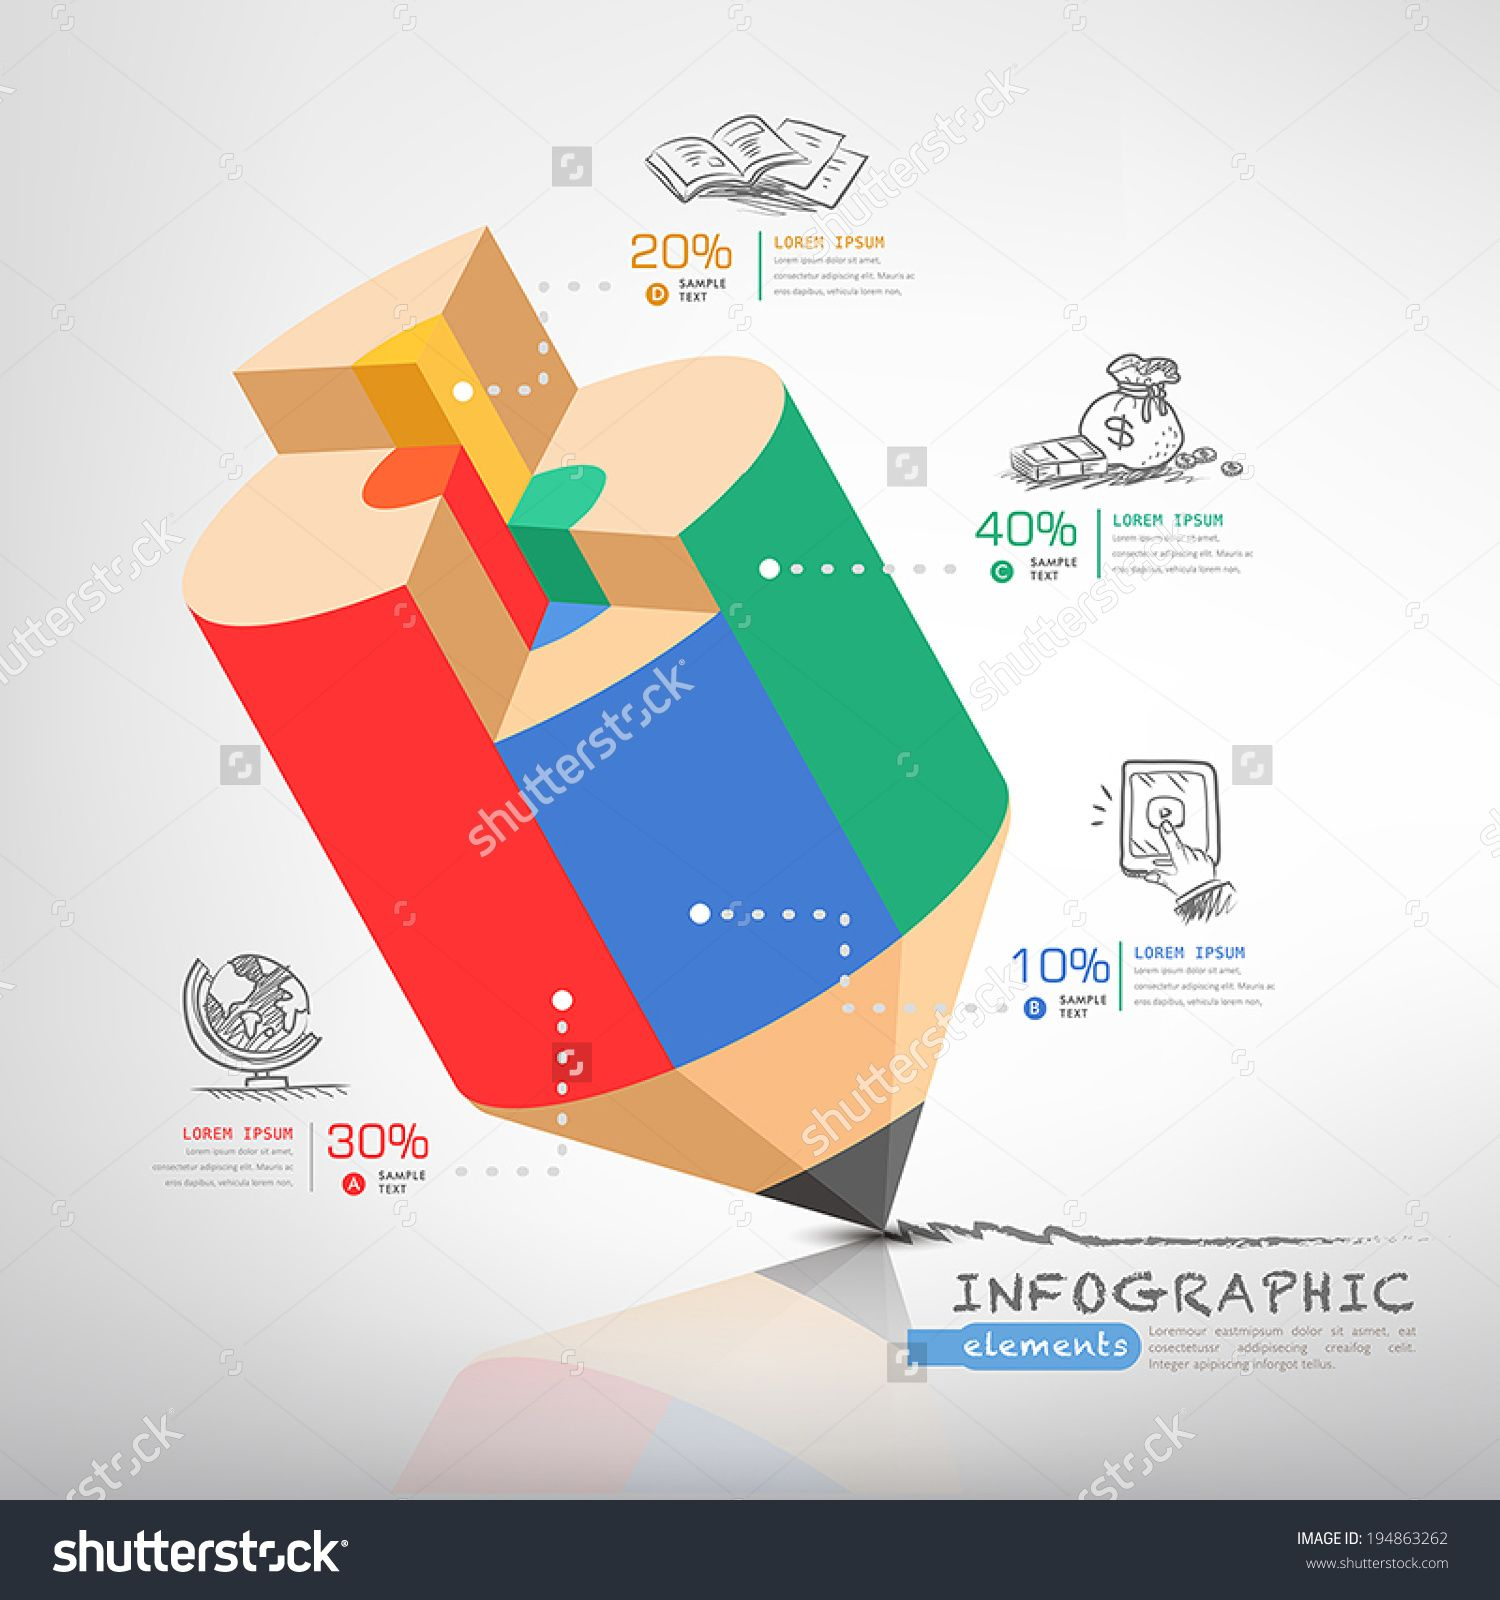 image result for infographic design   sport or data brands